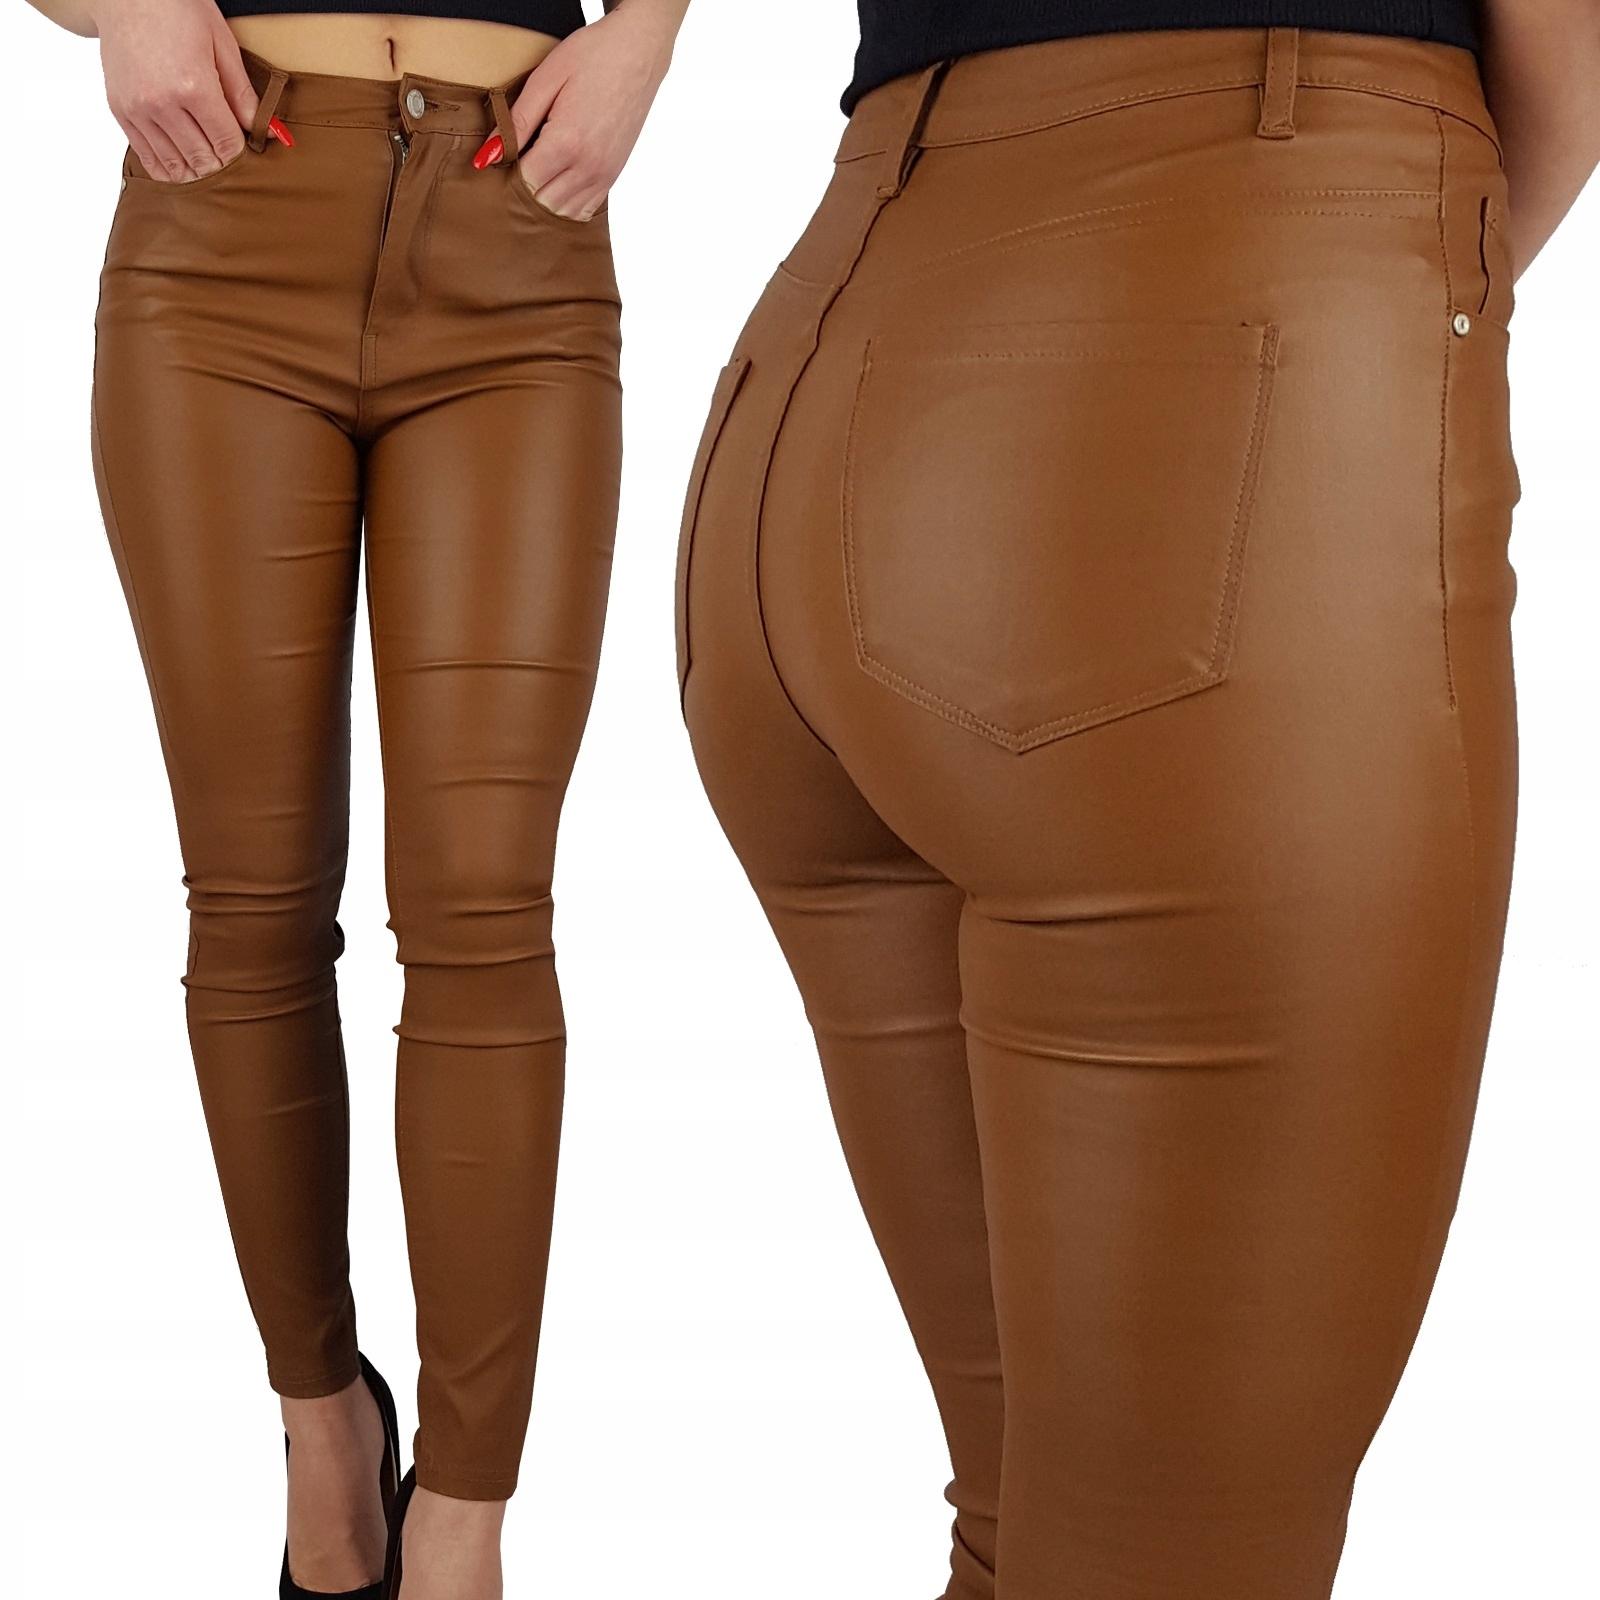 Damskie Spodnie Modelujące Woskowane Skóra Brązowe